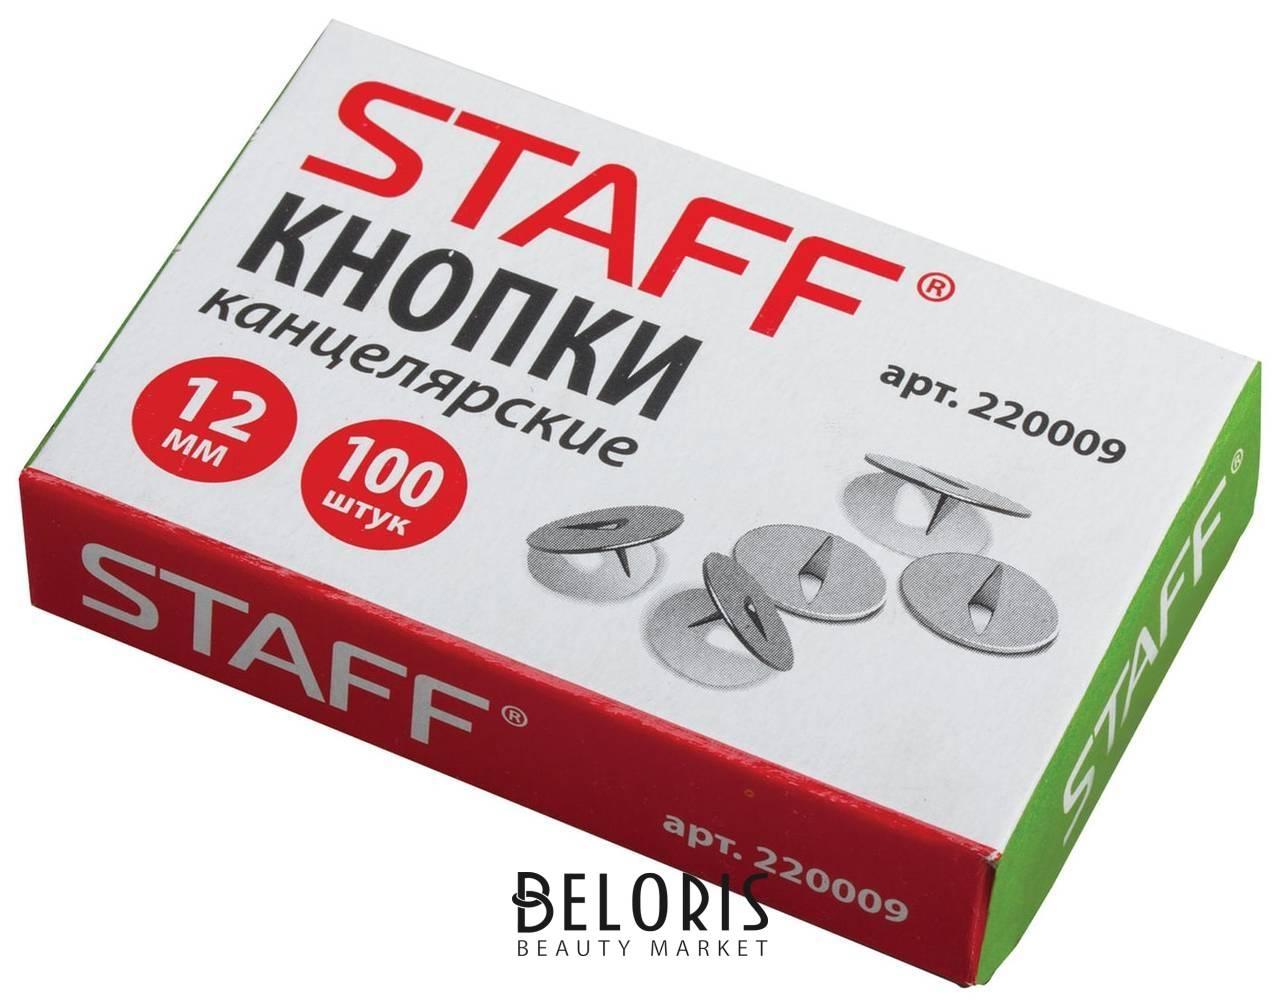 Кнопки канцелярские Staff, 12 мм х 100 шт., в картонной коробке Staff